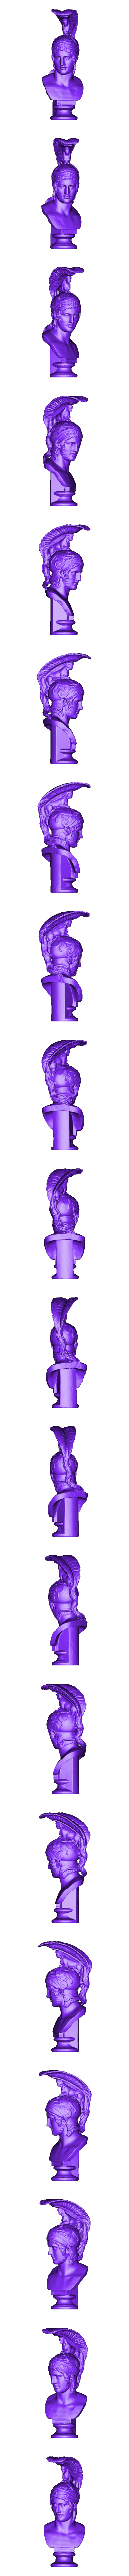 20140708_Ares_Full_Scale_by_CosmoWenman.obj Télécharger fichier OBJ gratuit Arès • Modèle pour imprimante 3D, Ghashgar